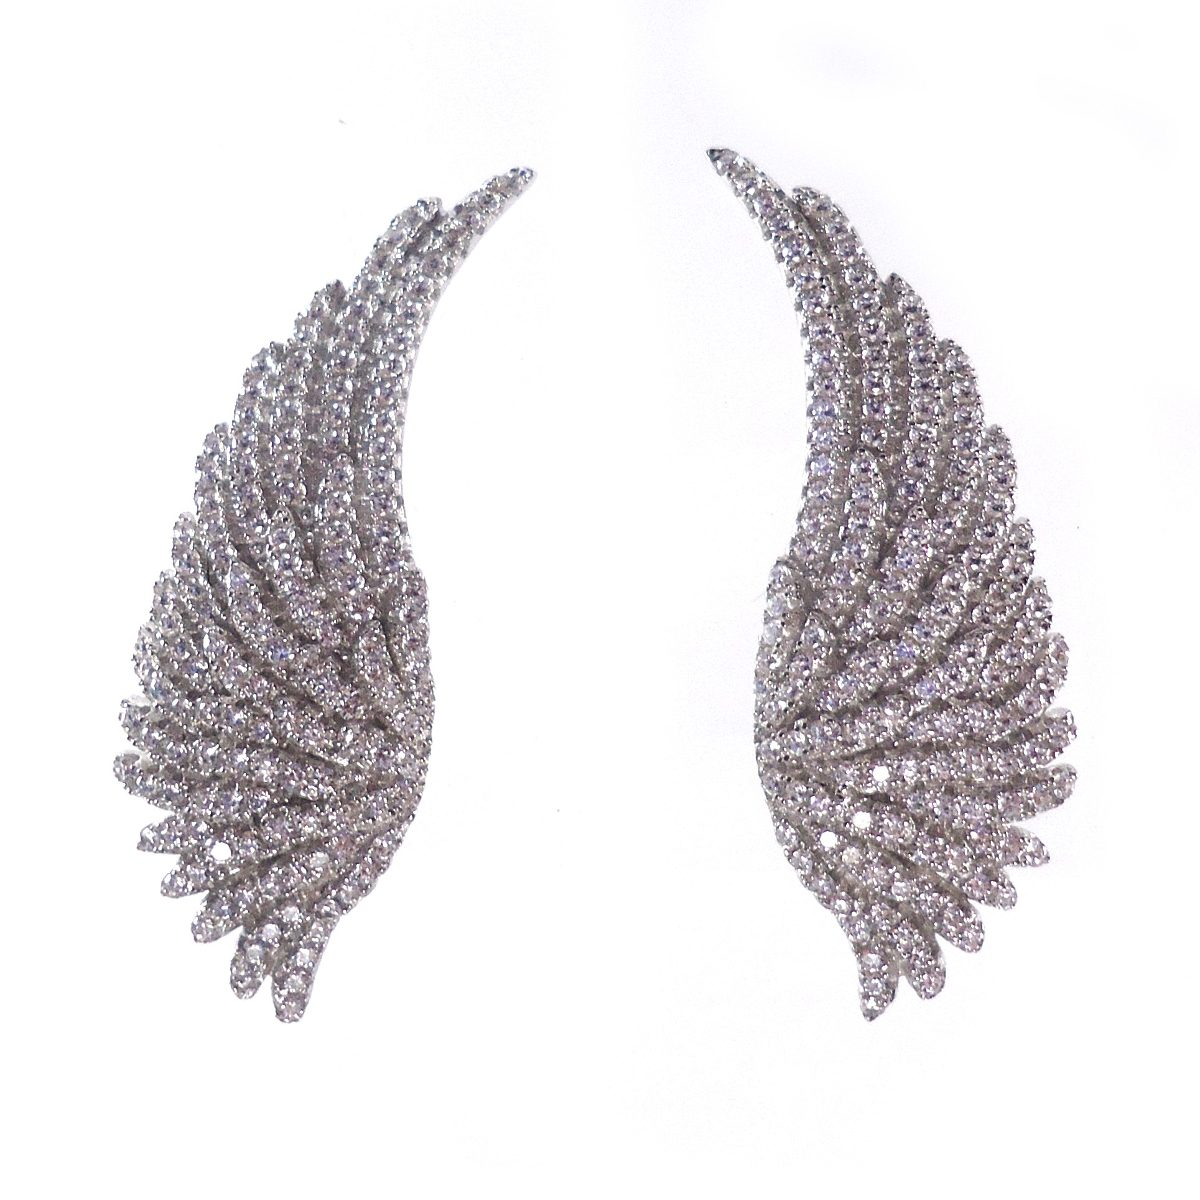 brinco ear cuff asa de prata com zirconias estilo hstern. Carregando zoom. ef5aaf6176